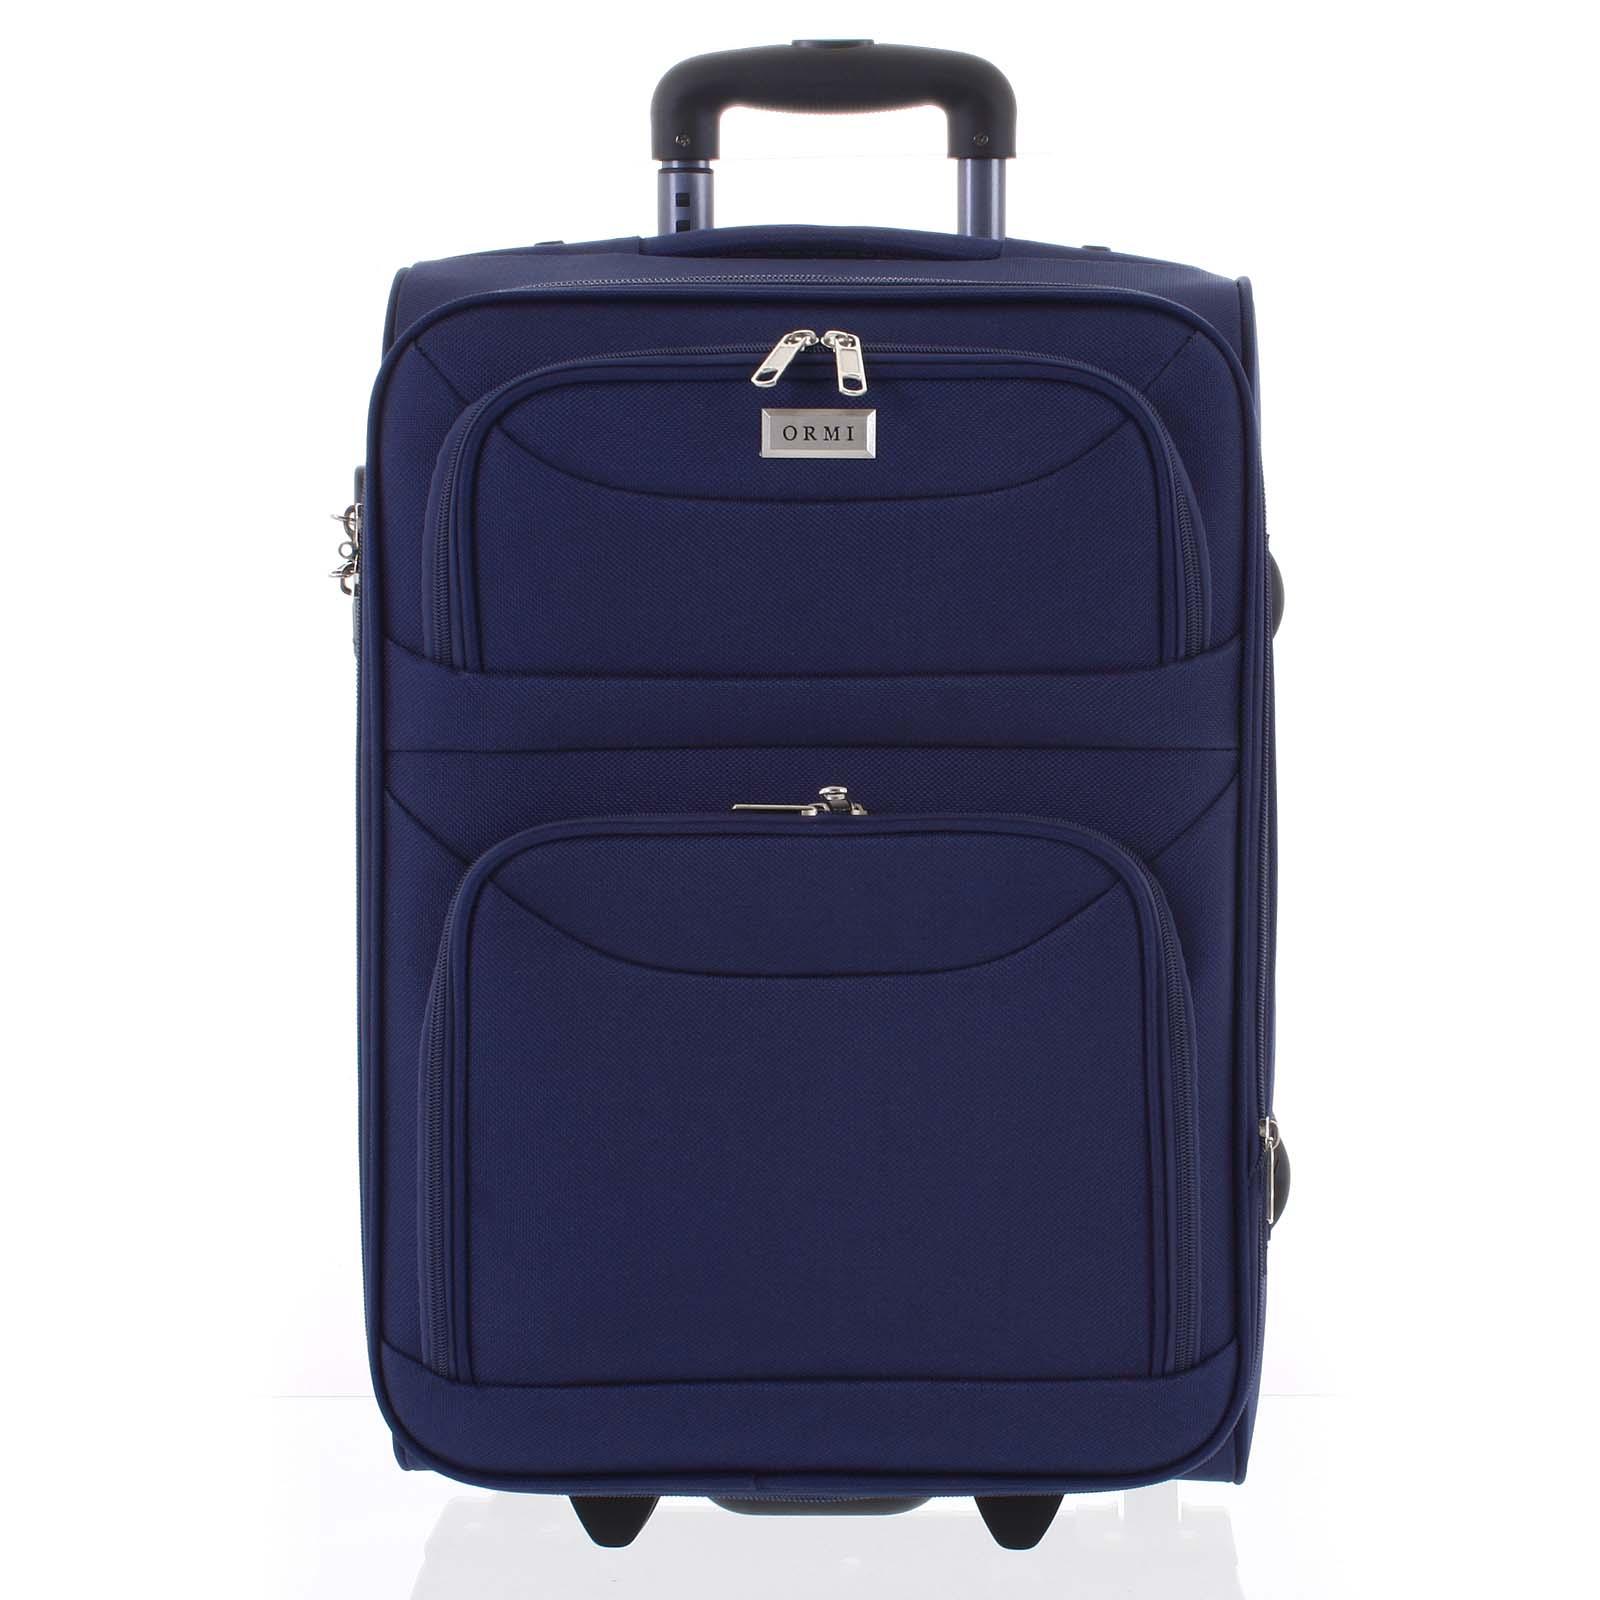 Klasický látkový modrý cestovní kufr - Ormi Stof L